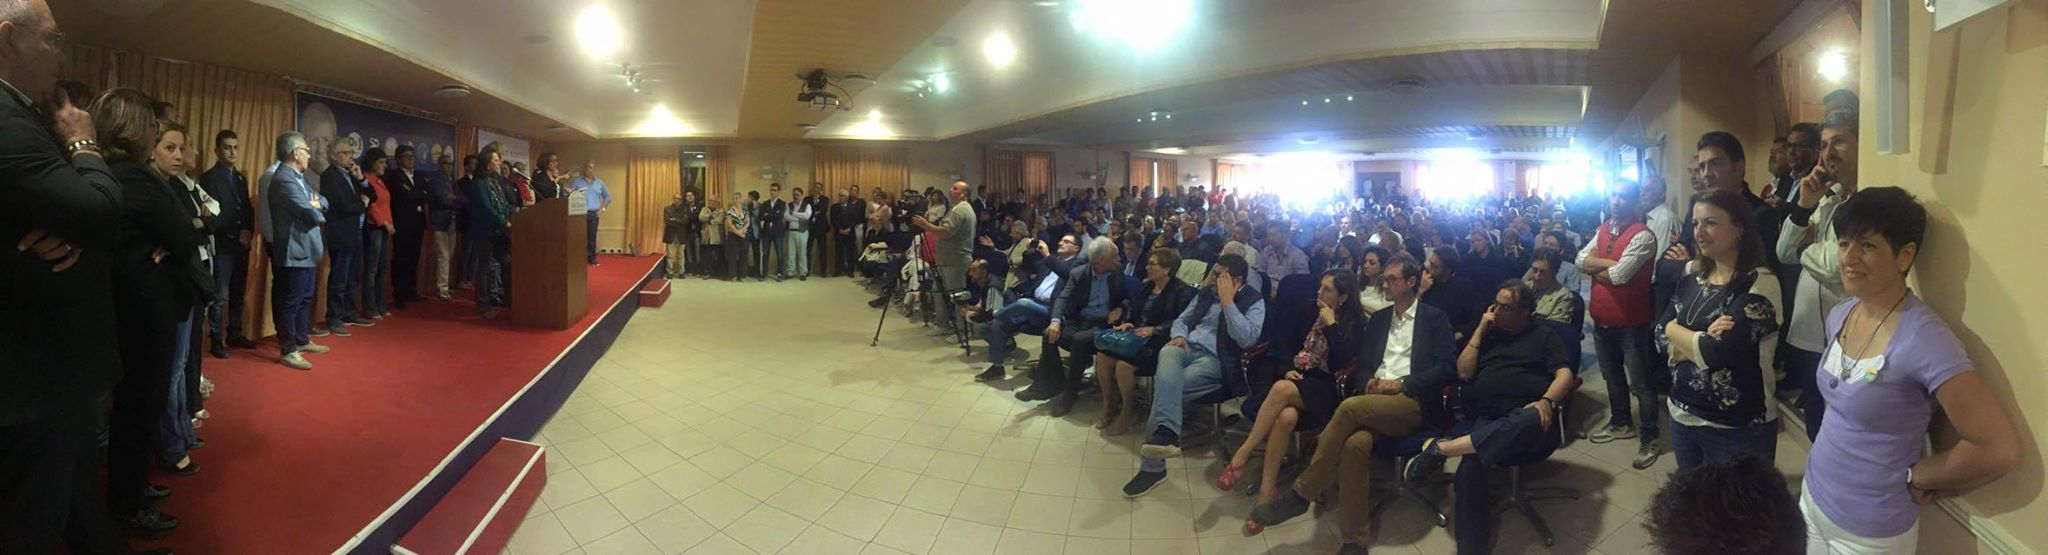 Lillo Firetto incontra gli agrigentini nei quartieri e presenta i candidati delle liste Agrigento Cambia e Agrigento Rinasce